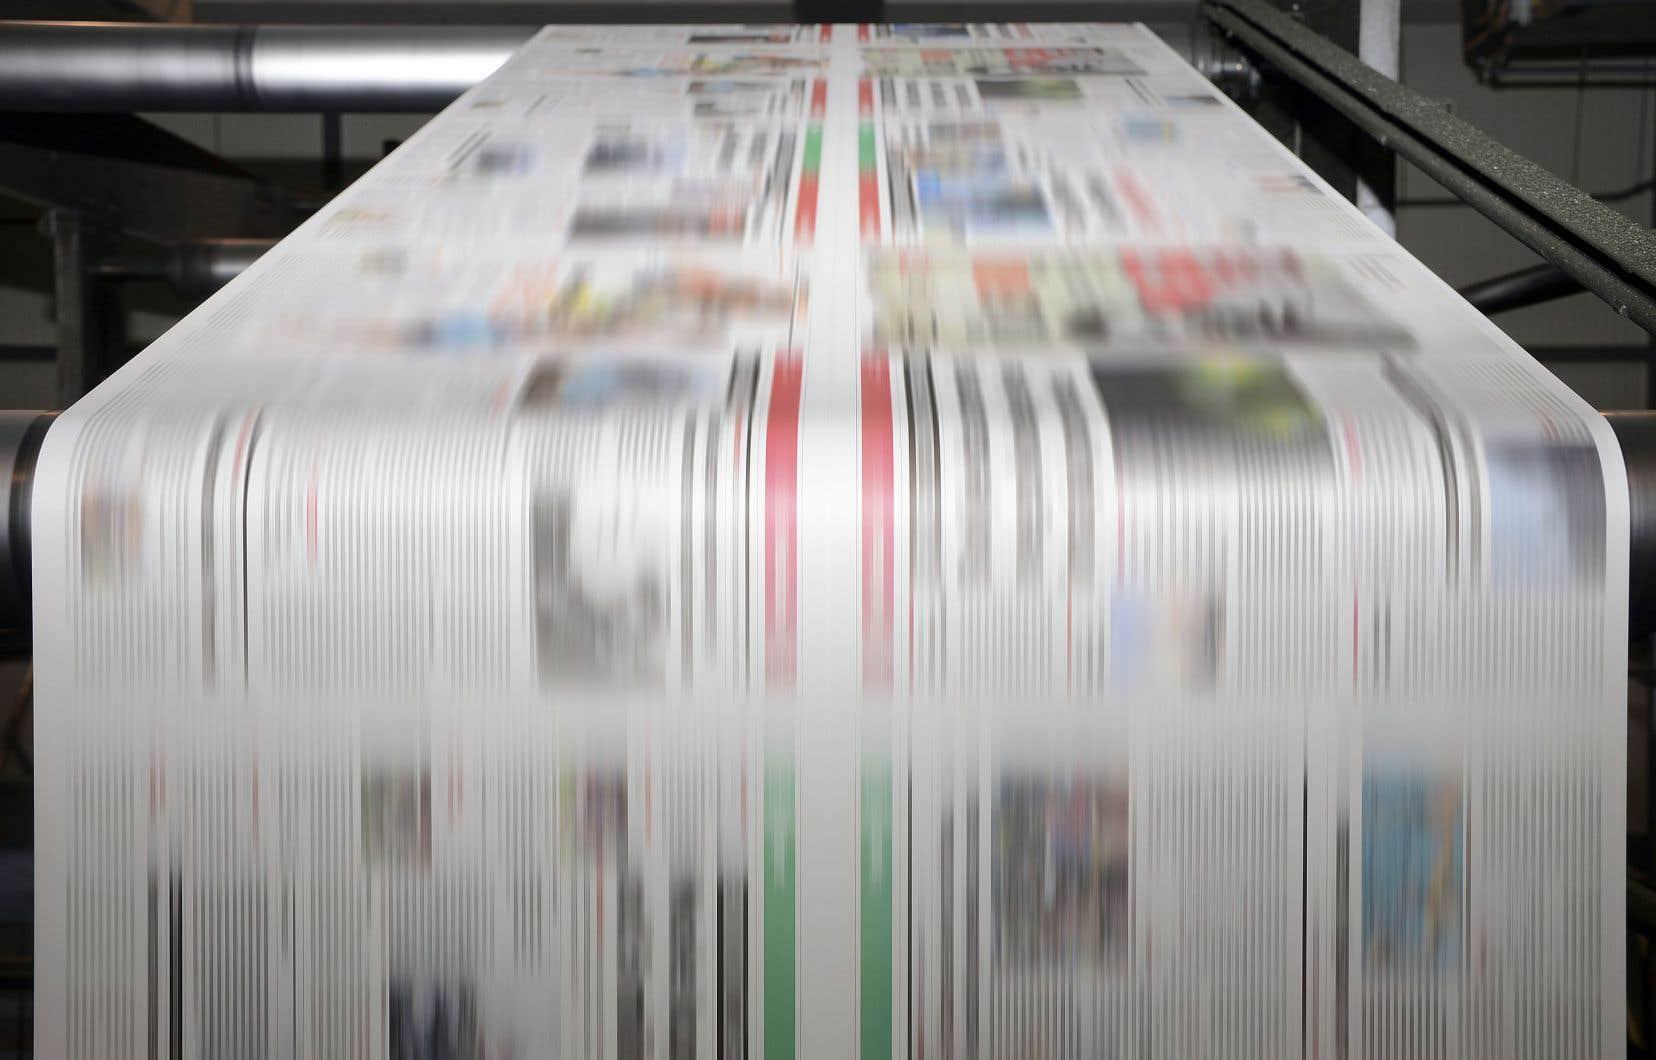 Les résultats publiés dans la revue «Communiquer» ont montré que le 20octobre 2016, 76,4% des articles contenaient «des éléments issus des relations publiques», alors que ce chiffre était de 66,1% le second jour d'analyse. À titre comparatif, cette statistique était de 47,2% en 1988.